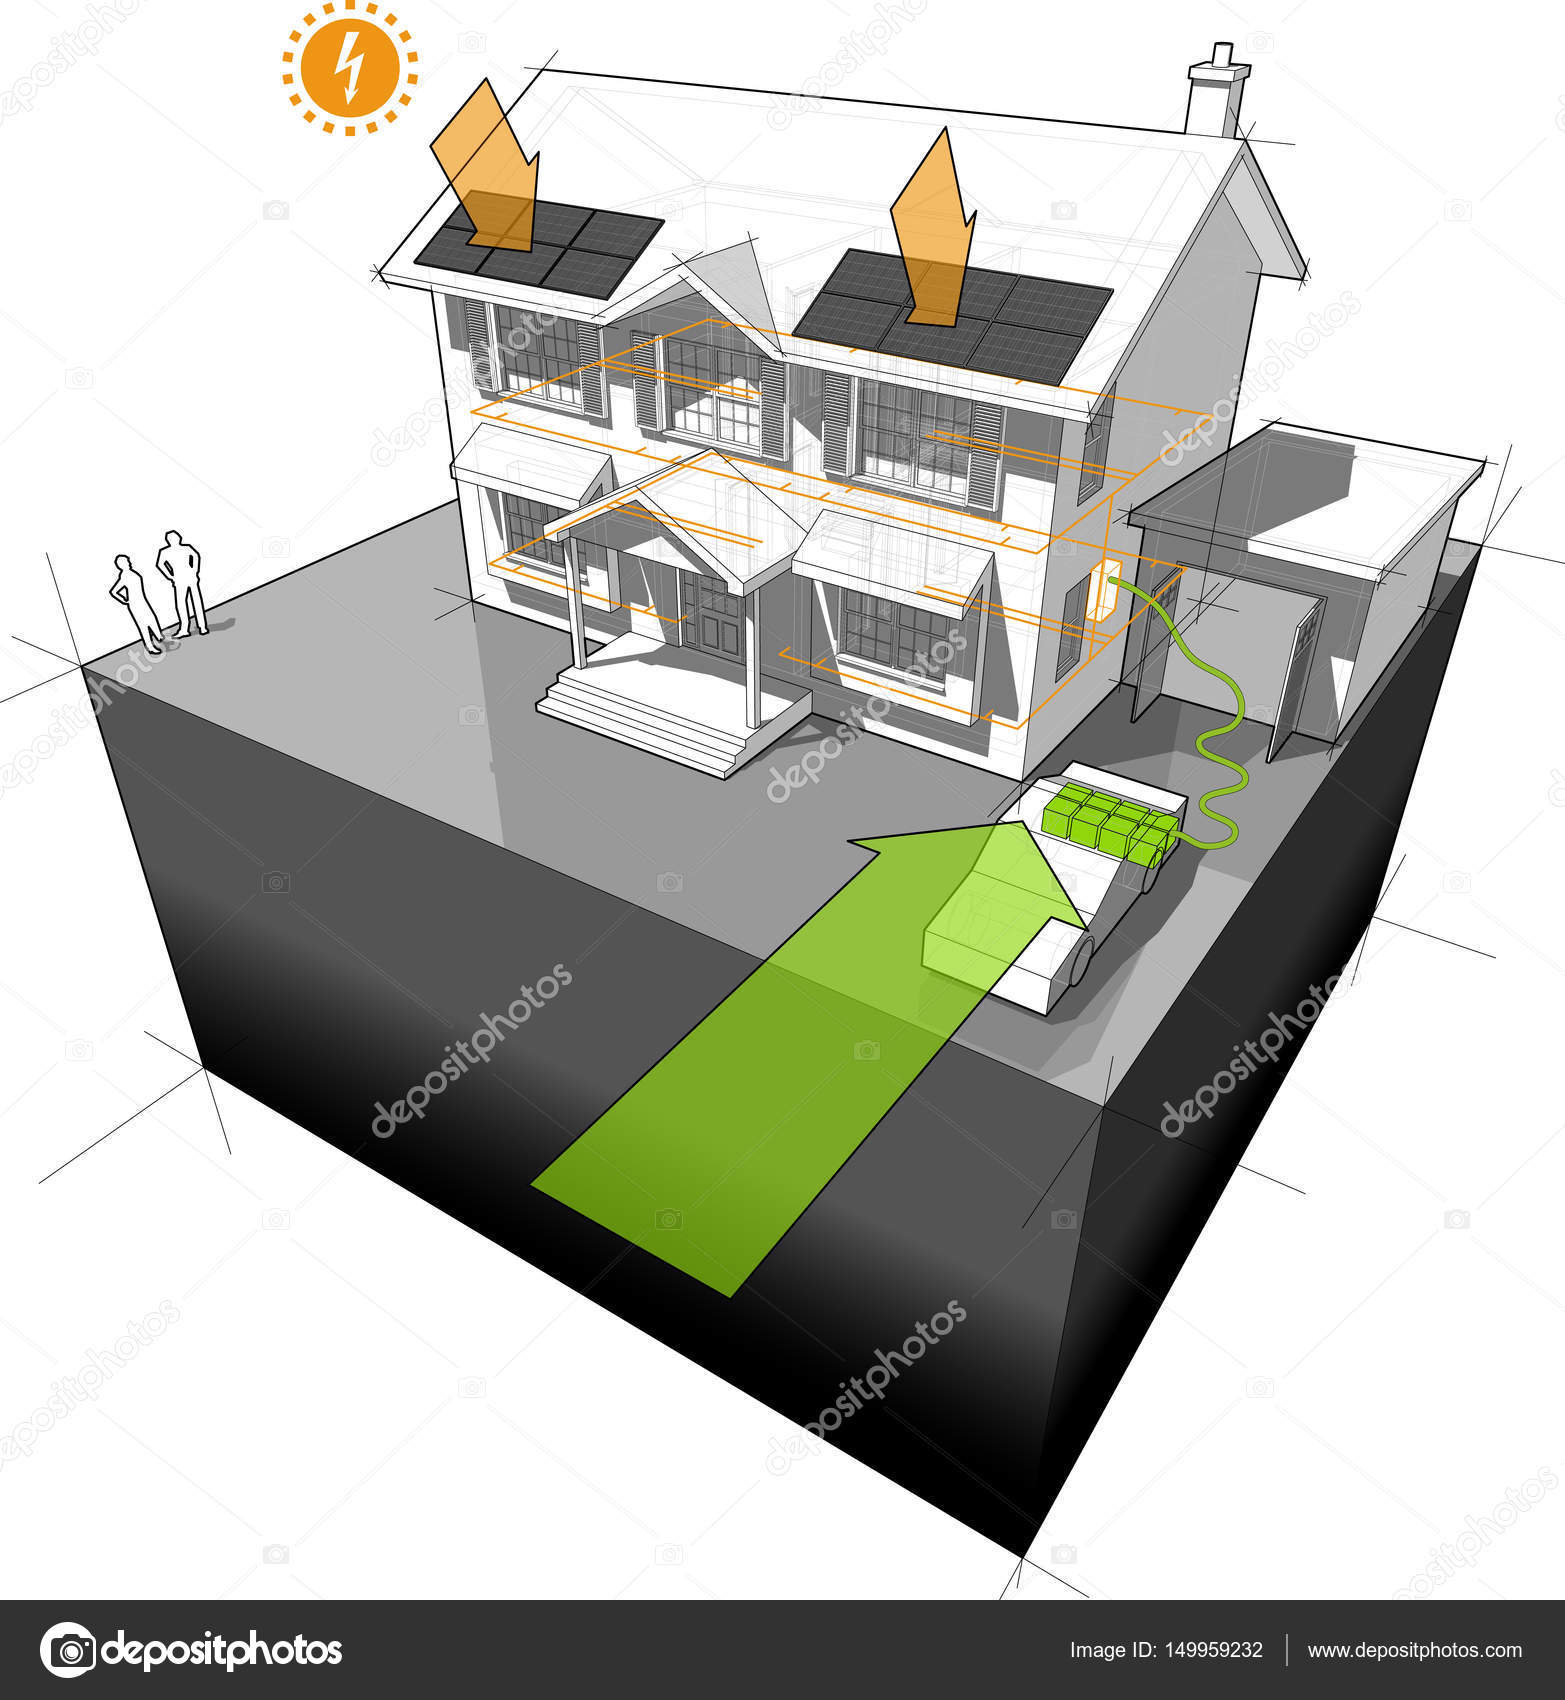 Haus Mit Elektroauto Und Fotovoltaikanlagen Haus Diagramm U2014 Stockvektor